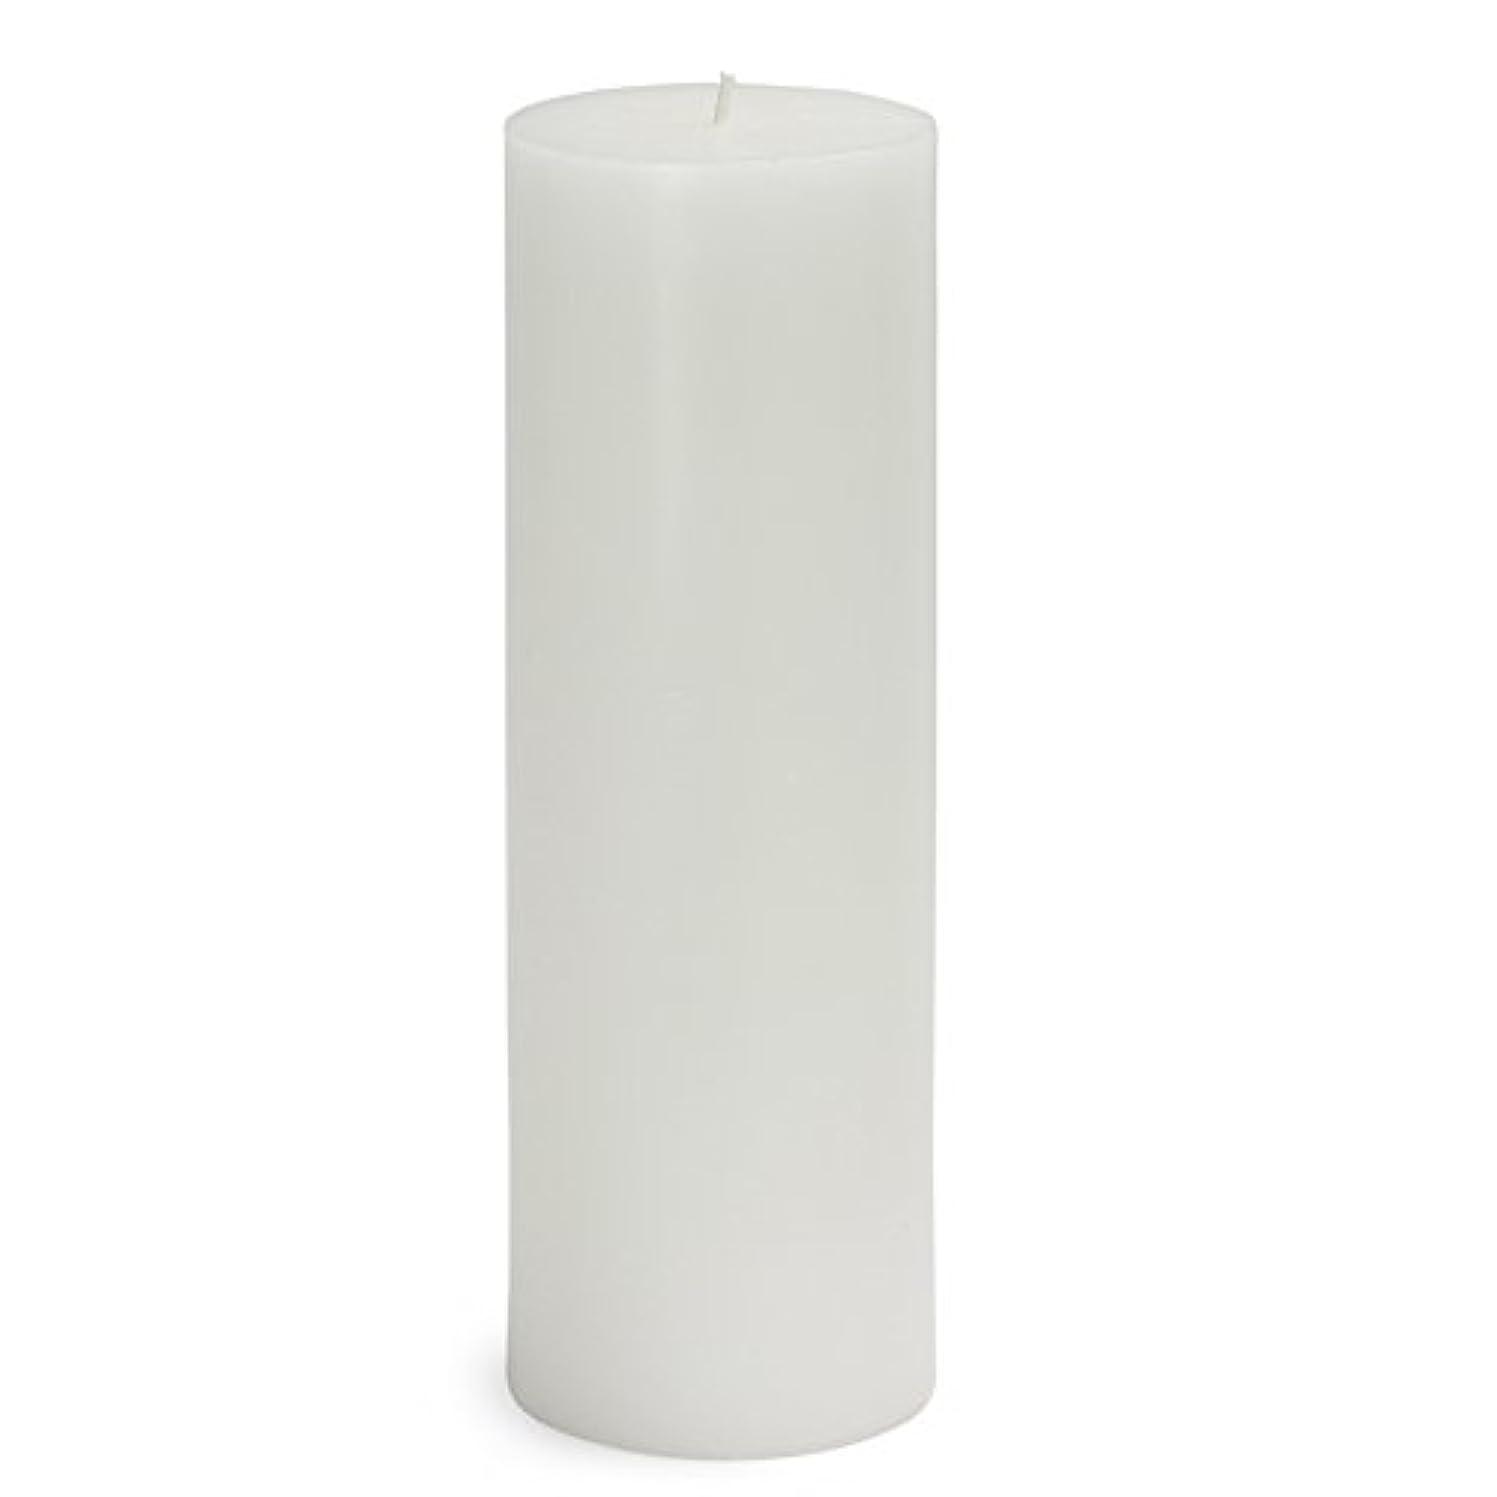 流す塩辛い怖いZest Candle CPZ-093-12 3 x 9 in. White Pillar Candles -12pcs-Case - Bulk